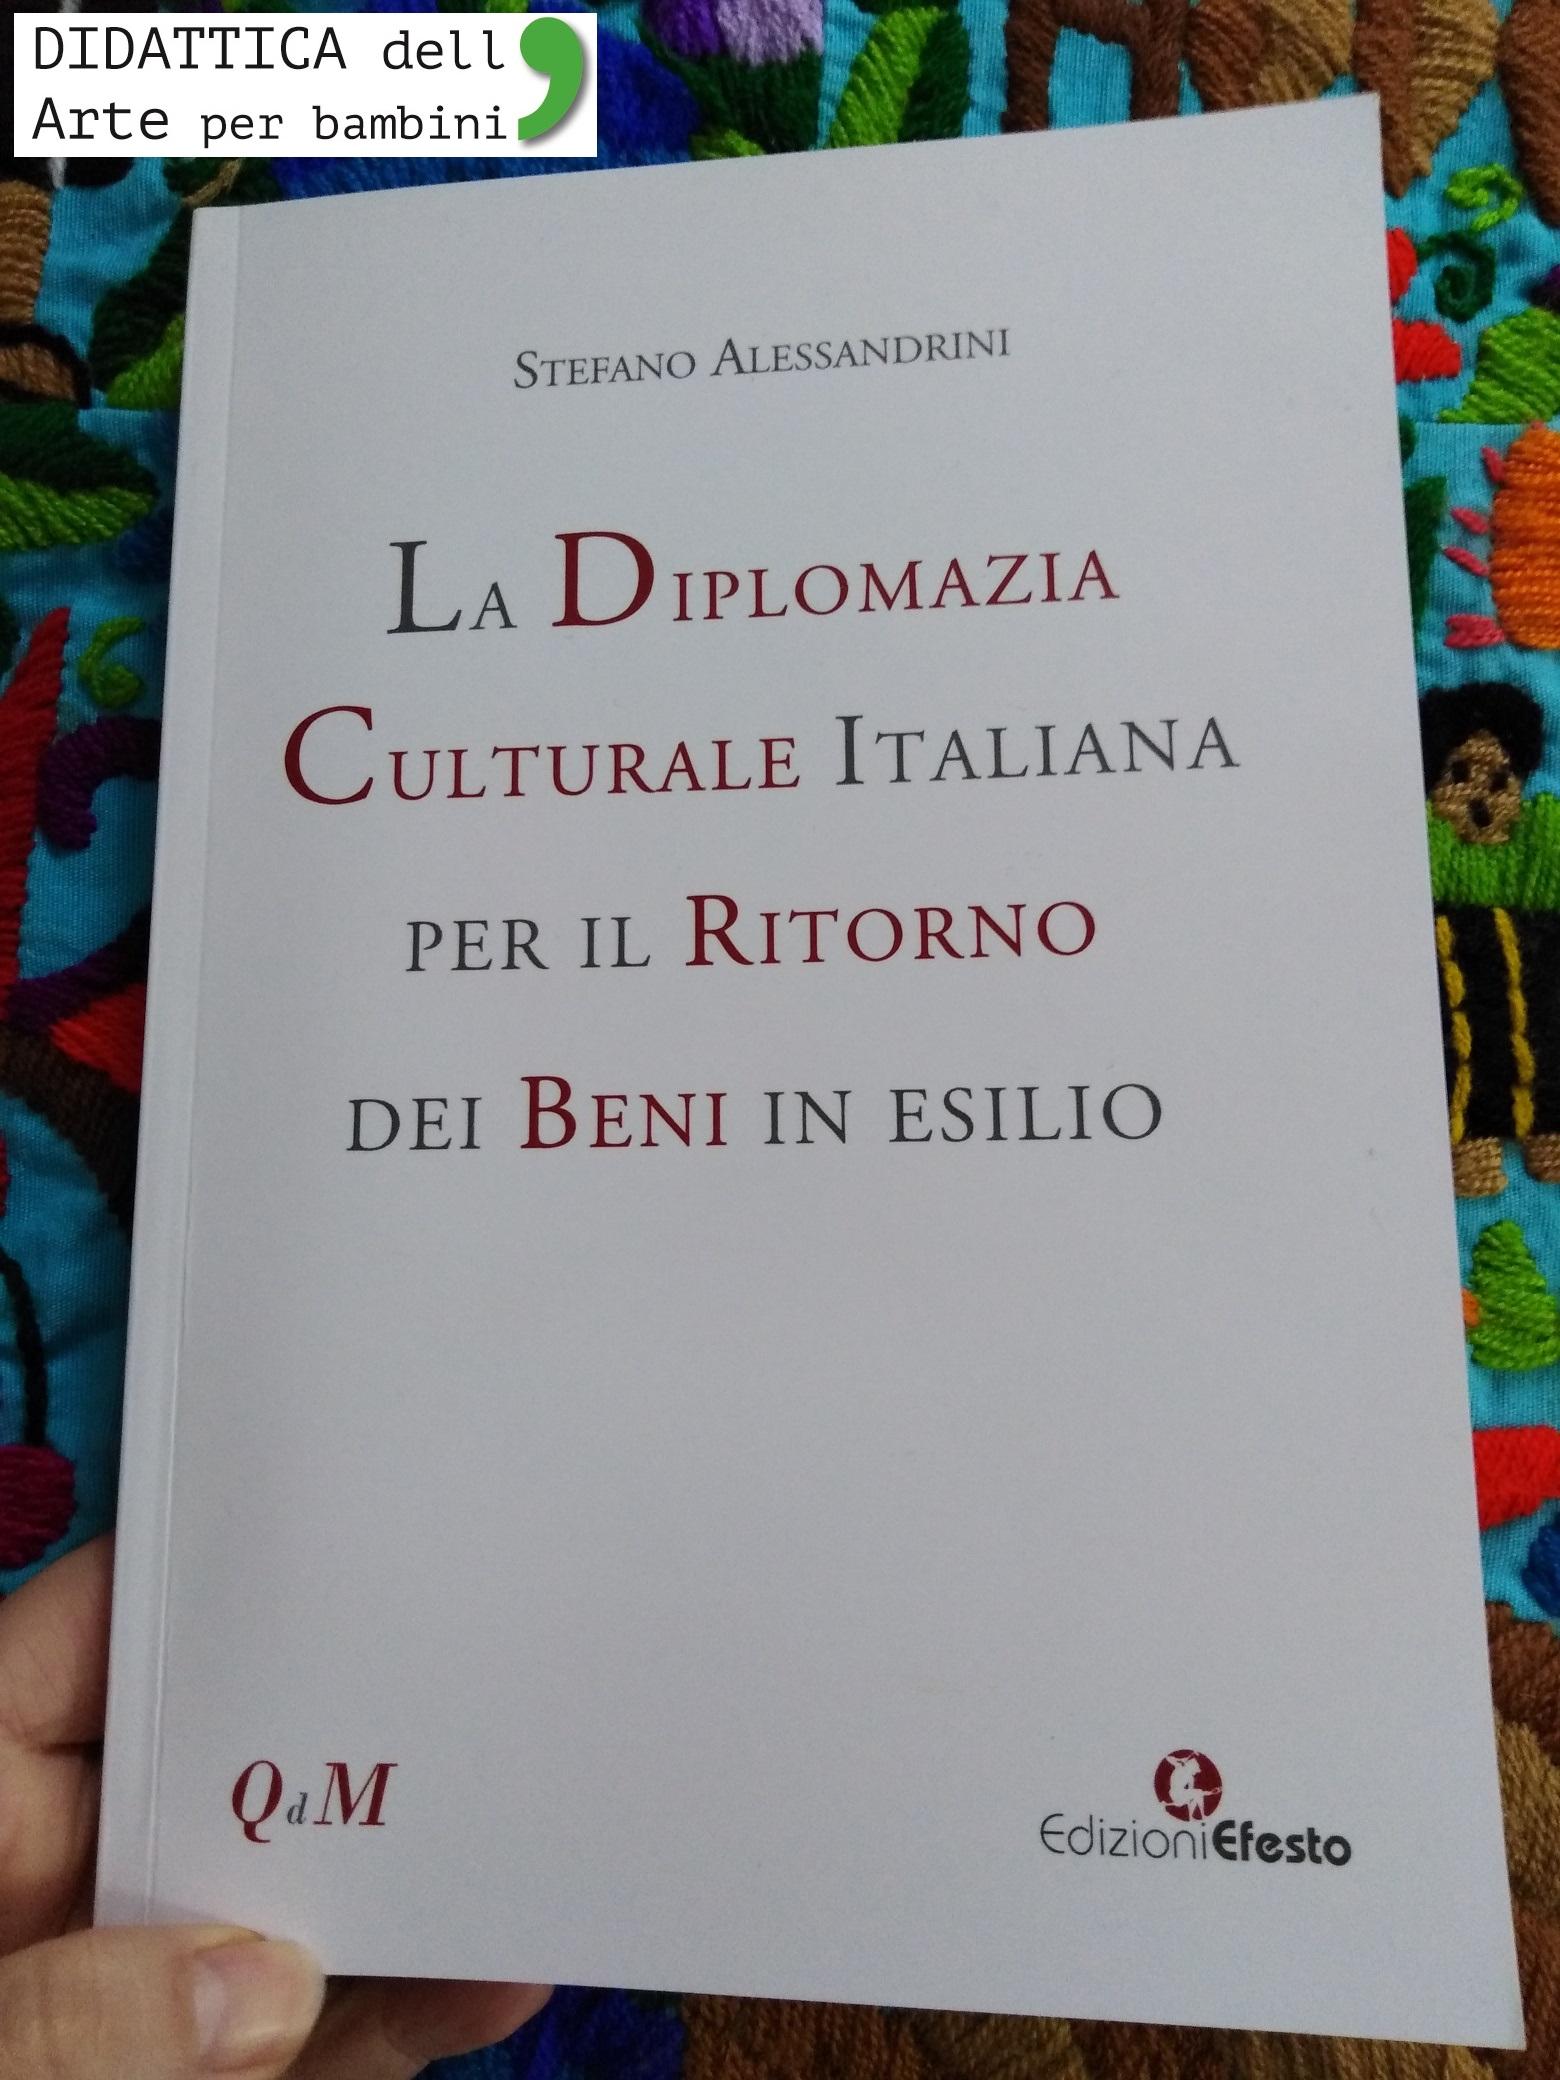 Homepage Didattica Dellarte Per Bambini Leontina Sorrentino